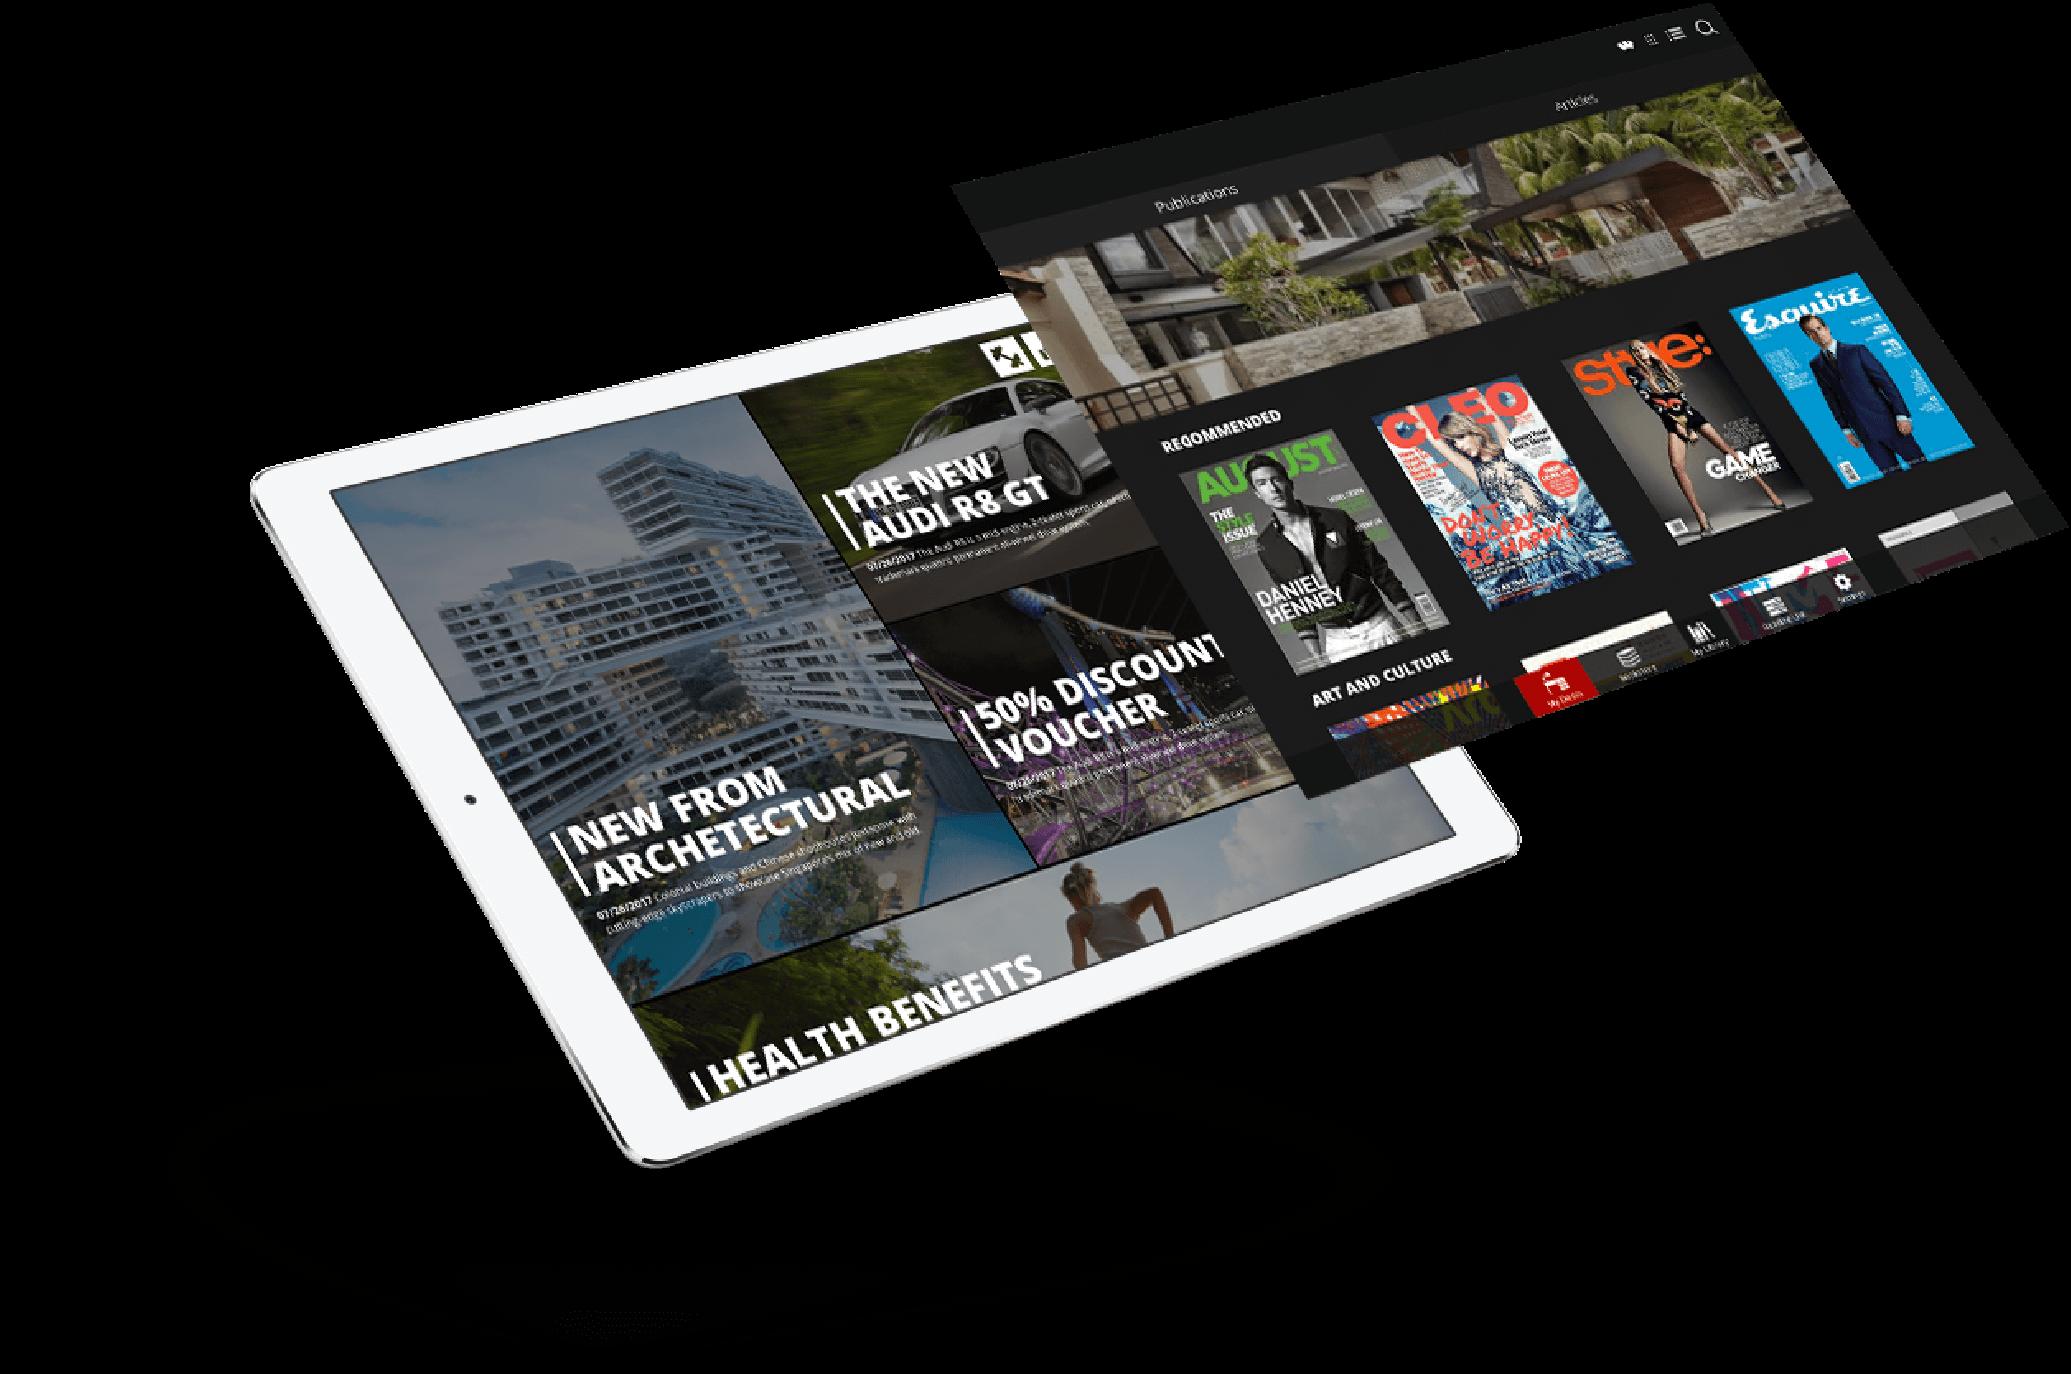 Frontline - IOS Mobile App Development - iPad